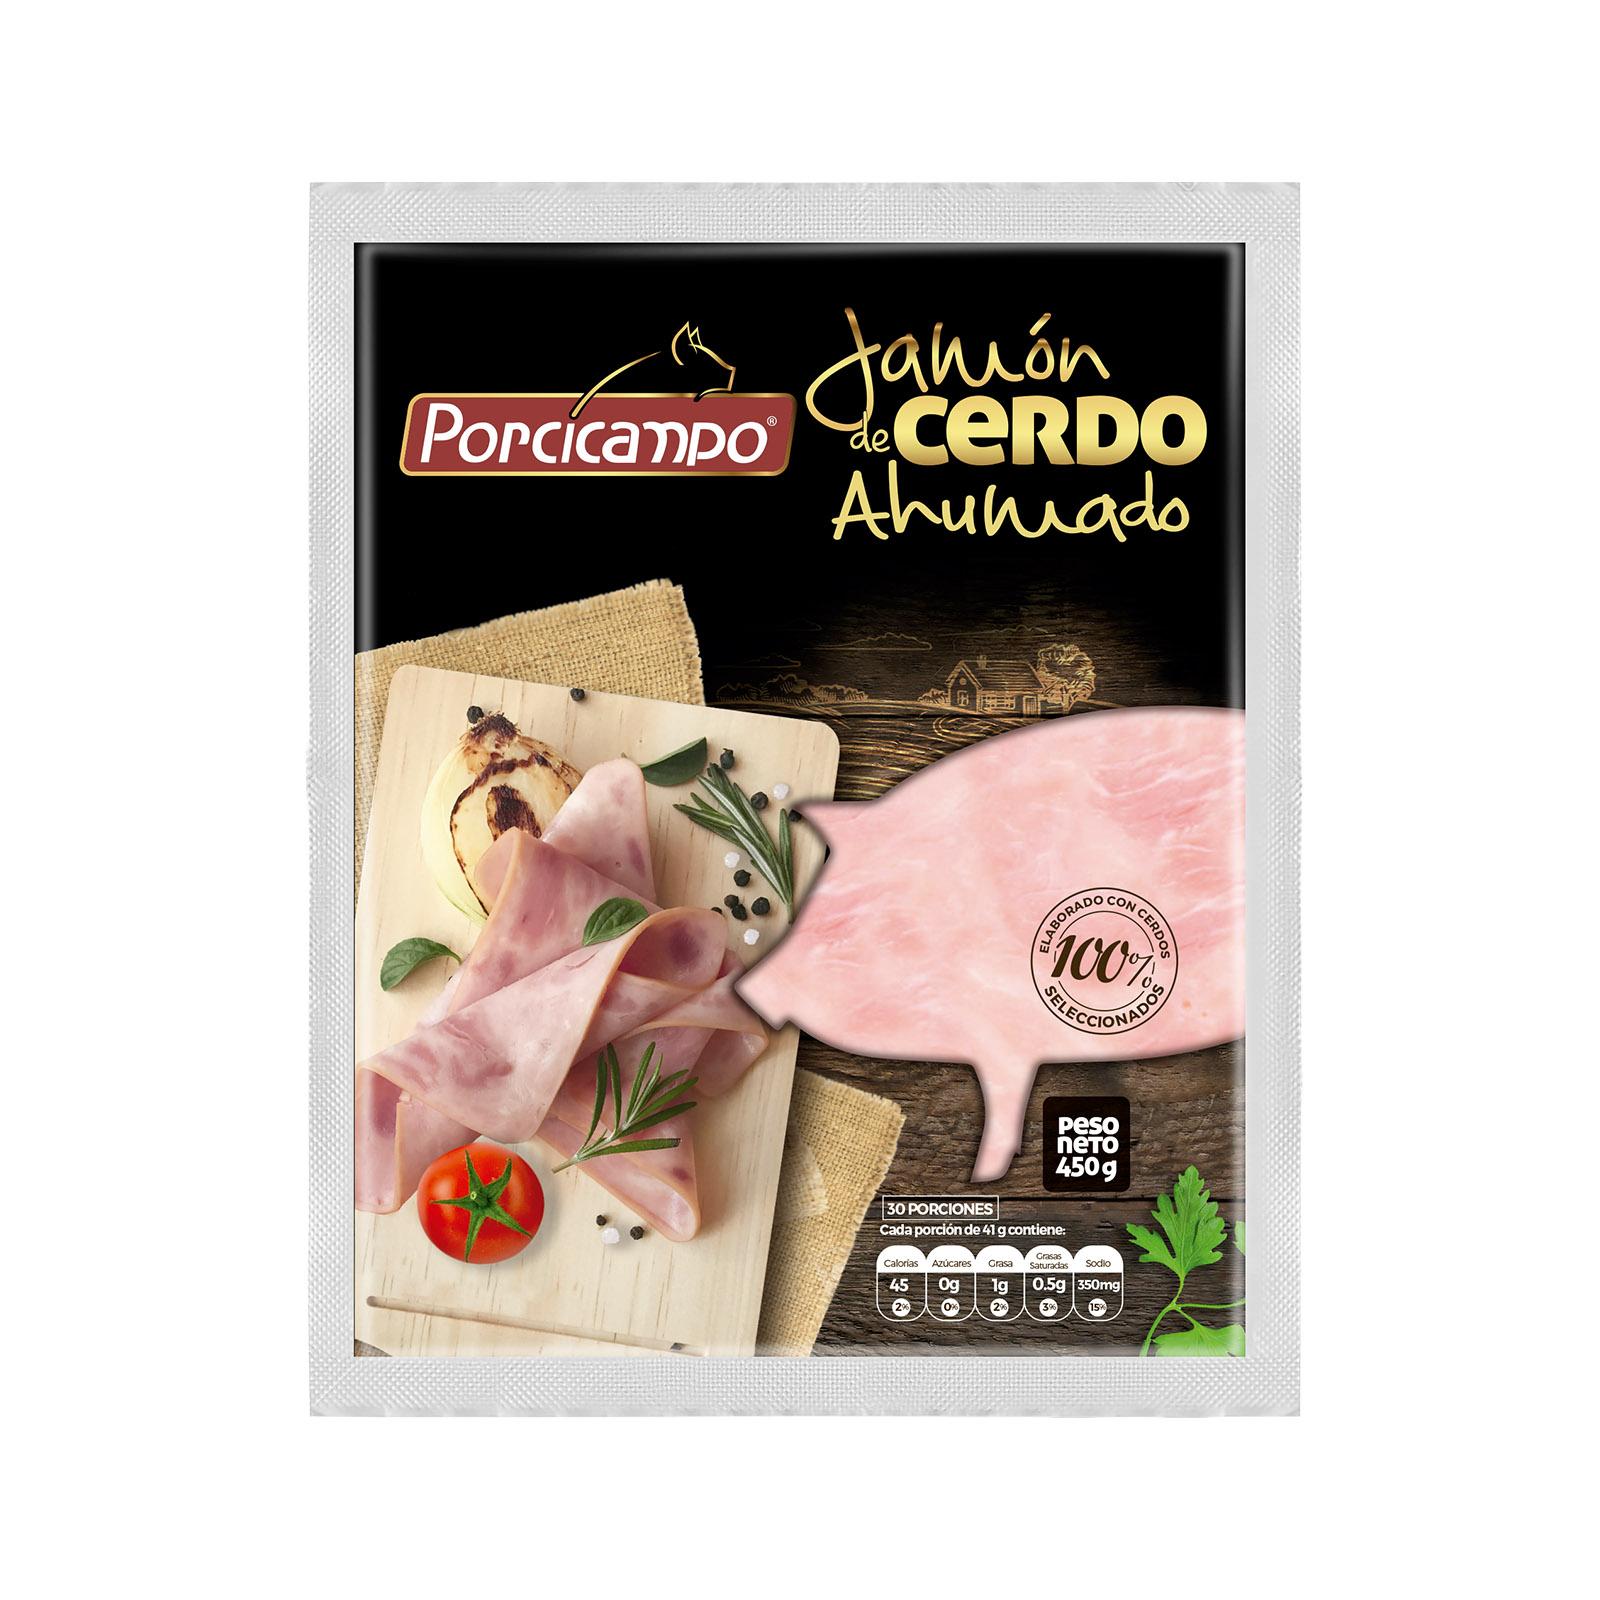 Jamon De Cerdo Ahumado